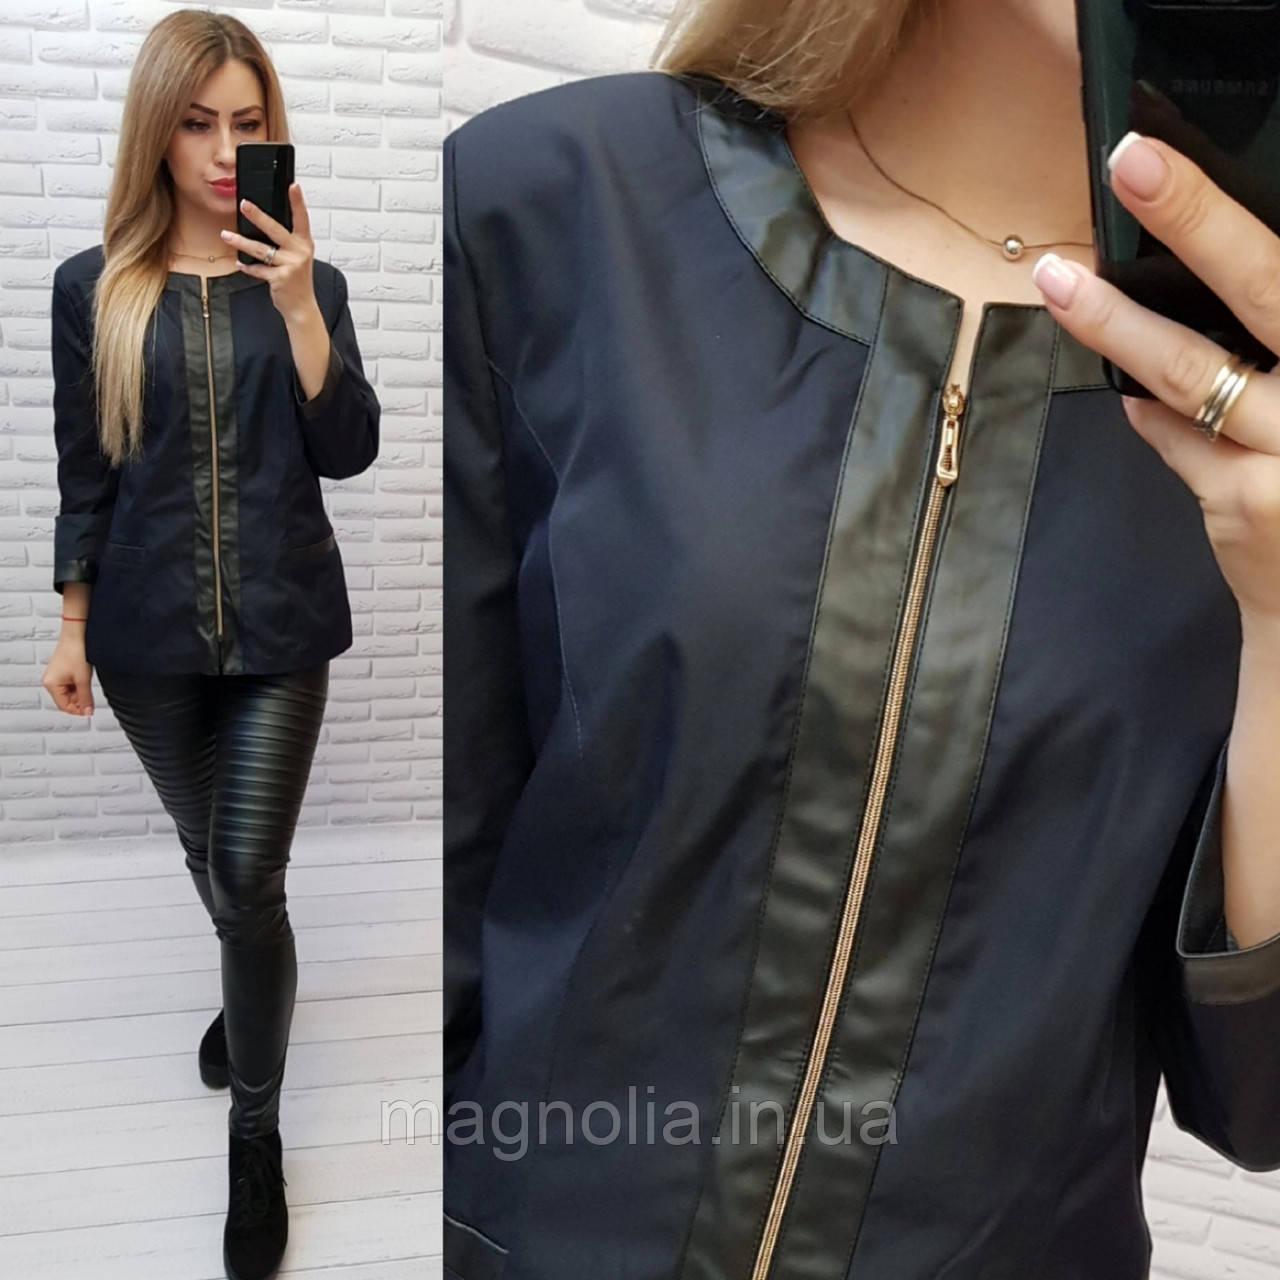 Жакет / пиджак ветровка с подкладкой рукав 3/4 + эко кожа арт. S1096 синий / синего цвета